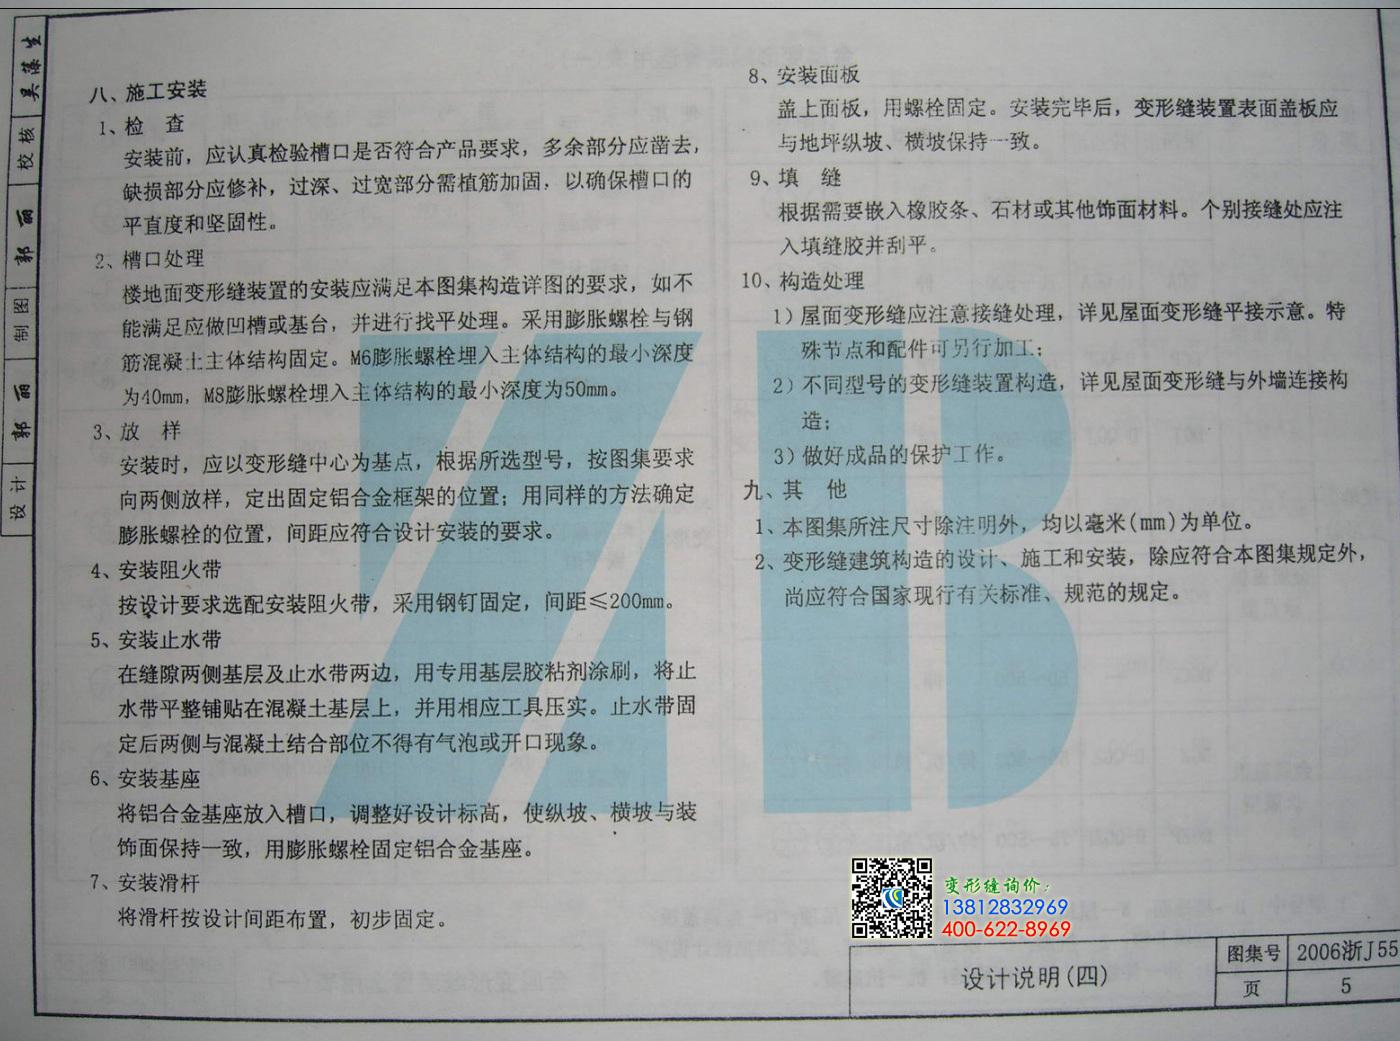 2006浙j55变形缝图集第6页